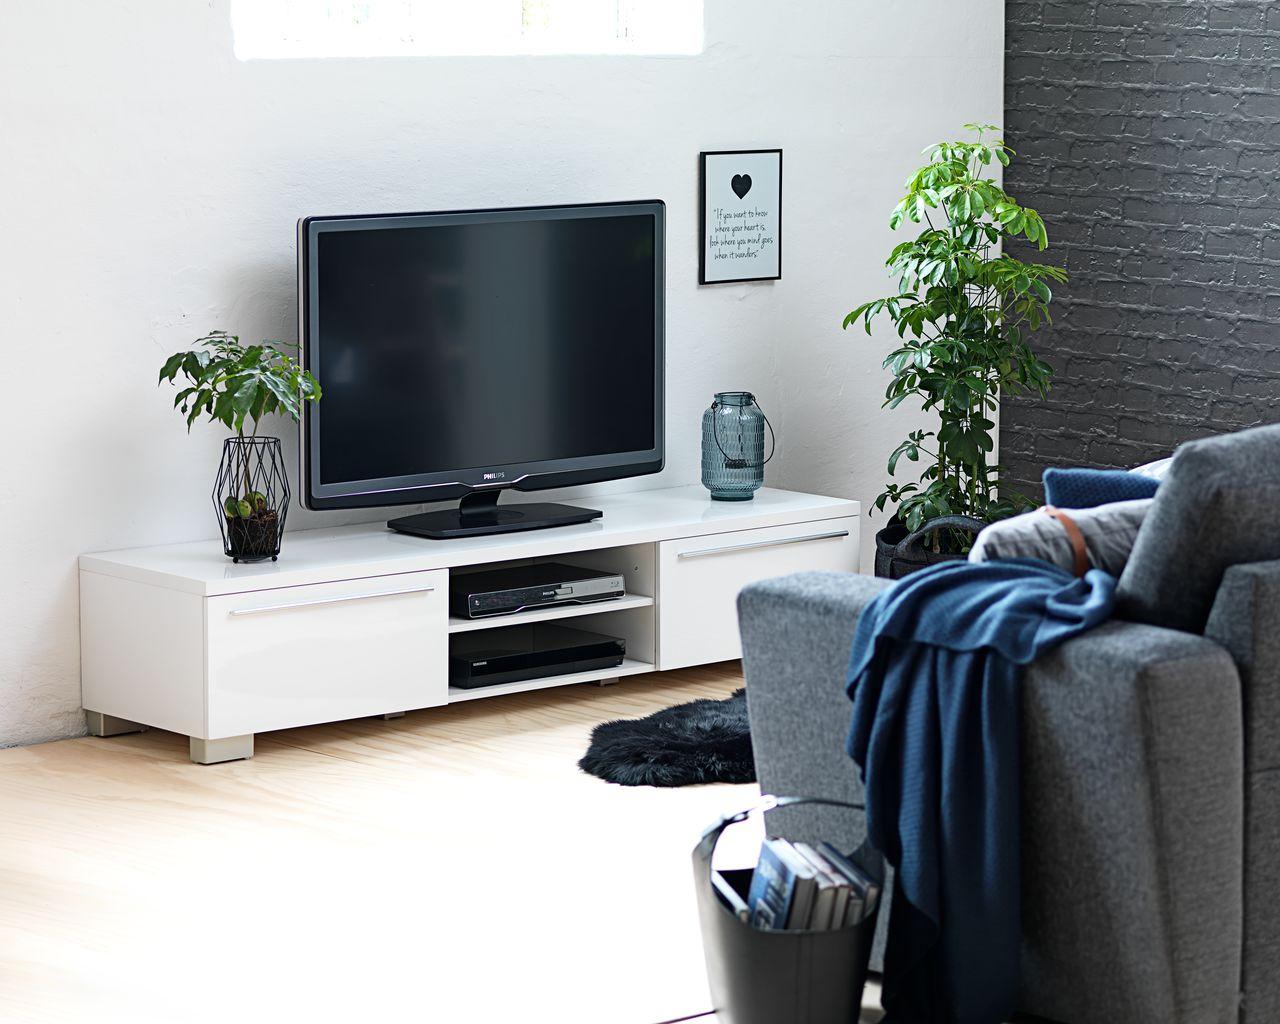 Tv Meubel Zwart Hoogglans.Tv Meubel Aakirkeby Wit Hoogglans Jysk